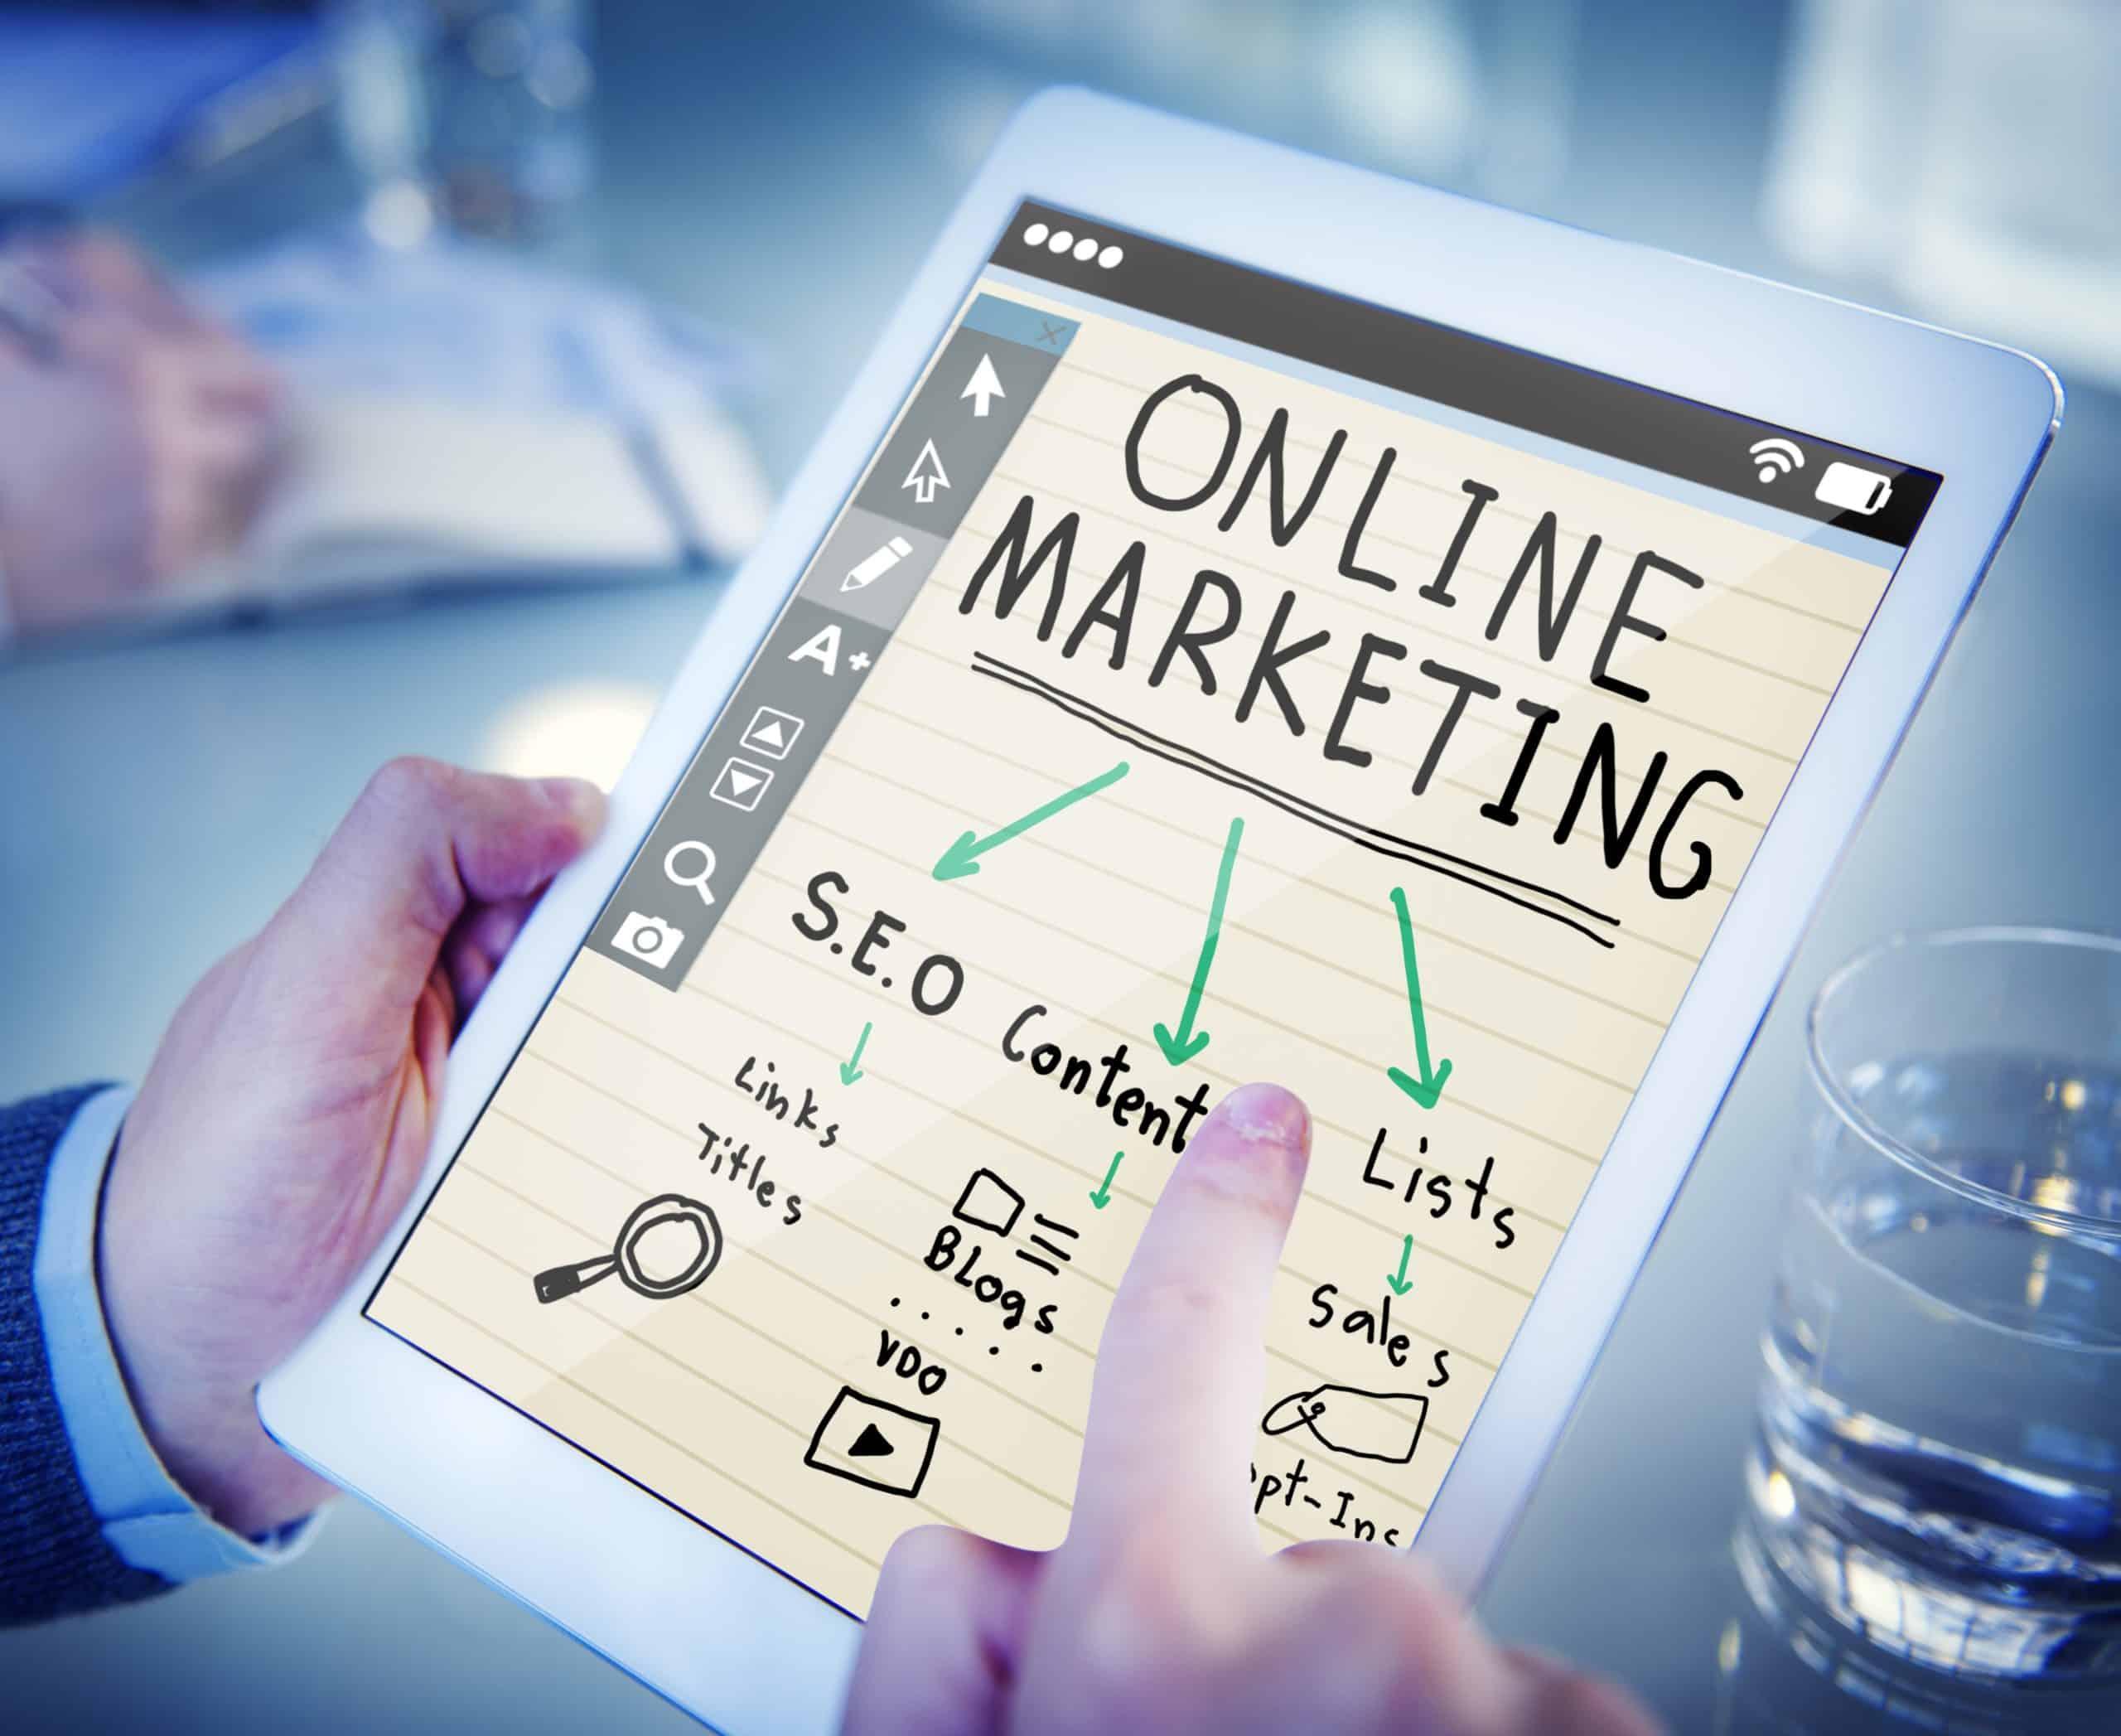 hand-web-internet-business-website-brand-816420-pxhere.com_